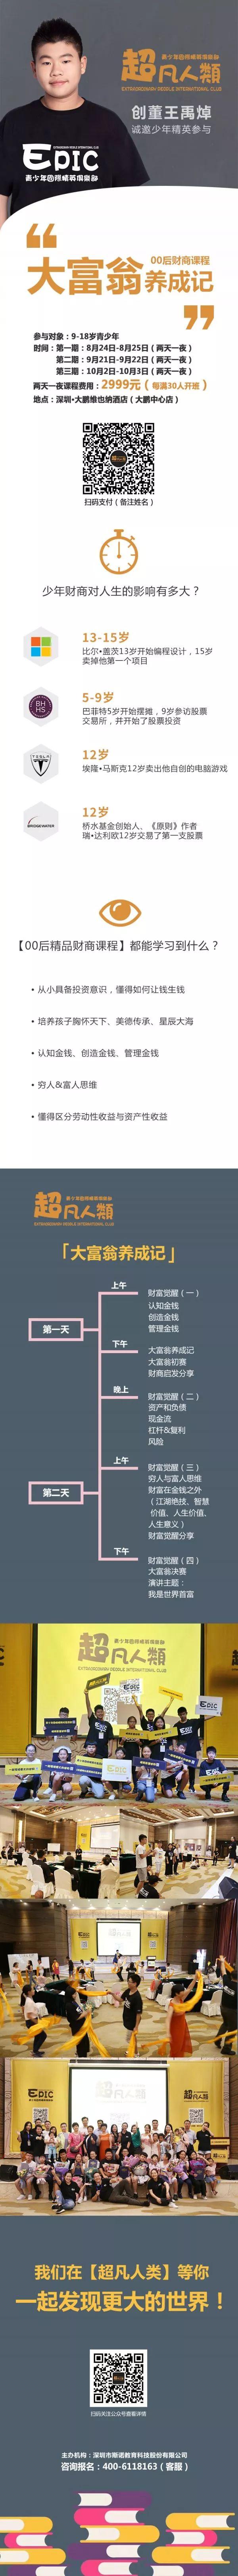 12岁超凡演讲者朱睿:人能尽其才则百事兴插图(5)